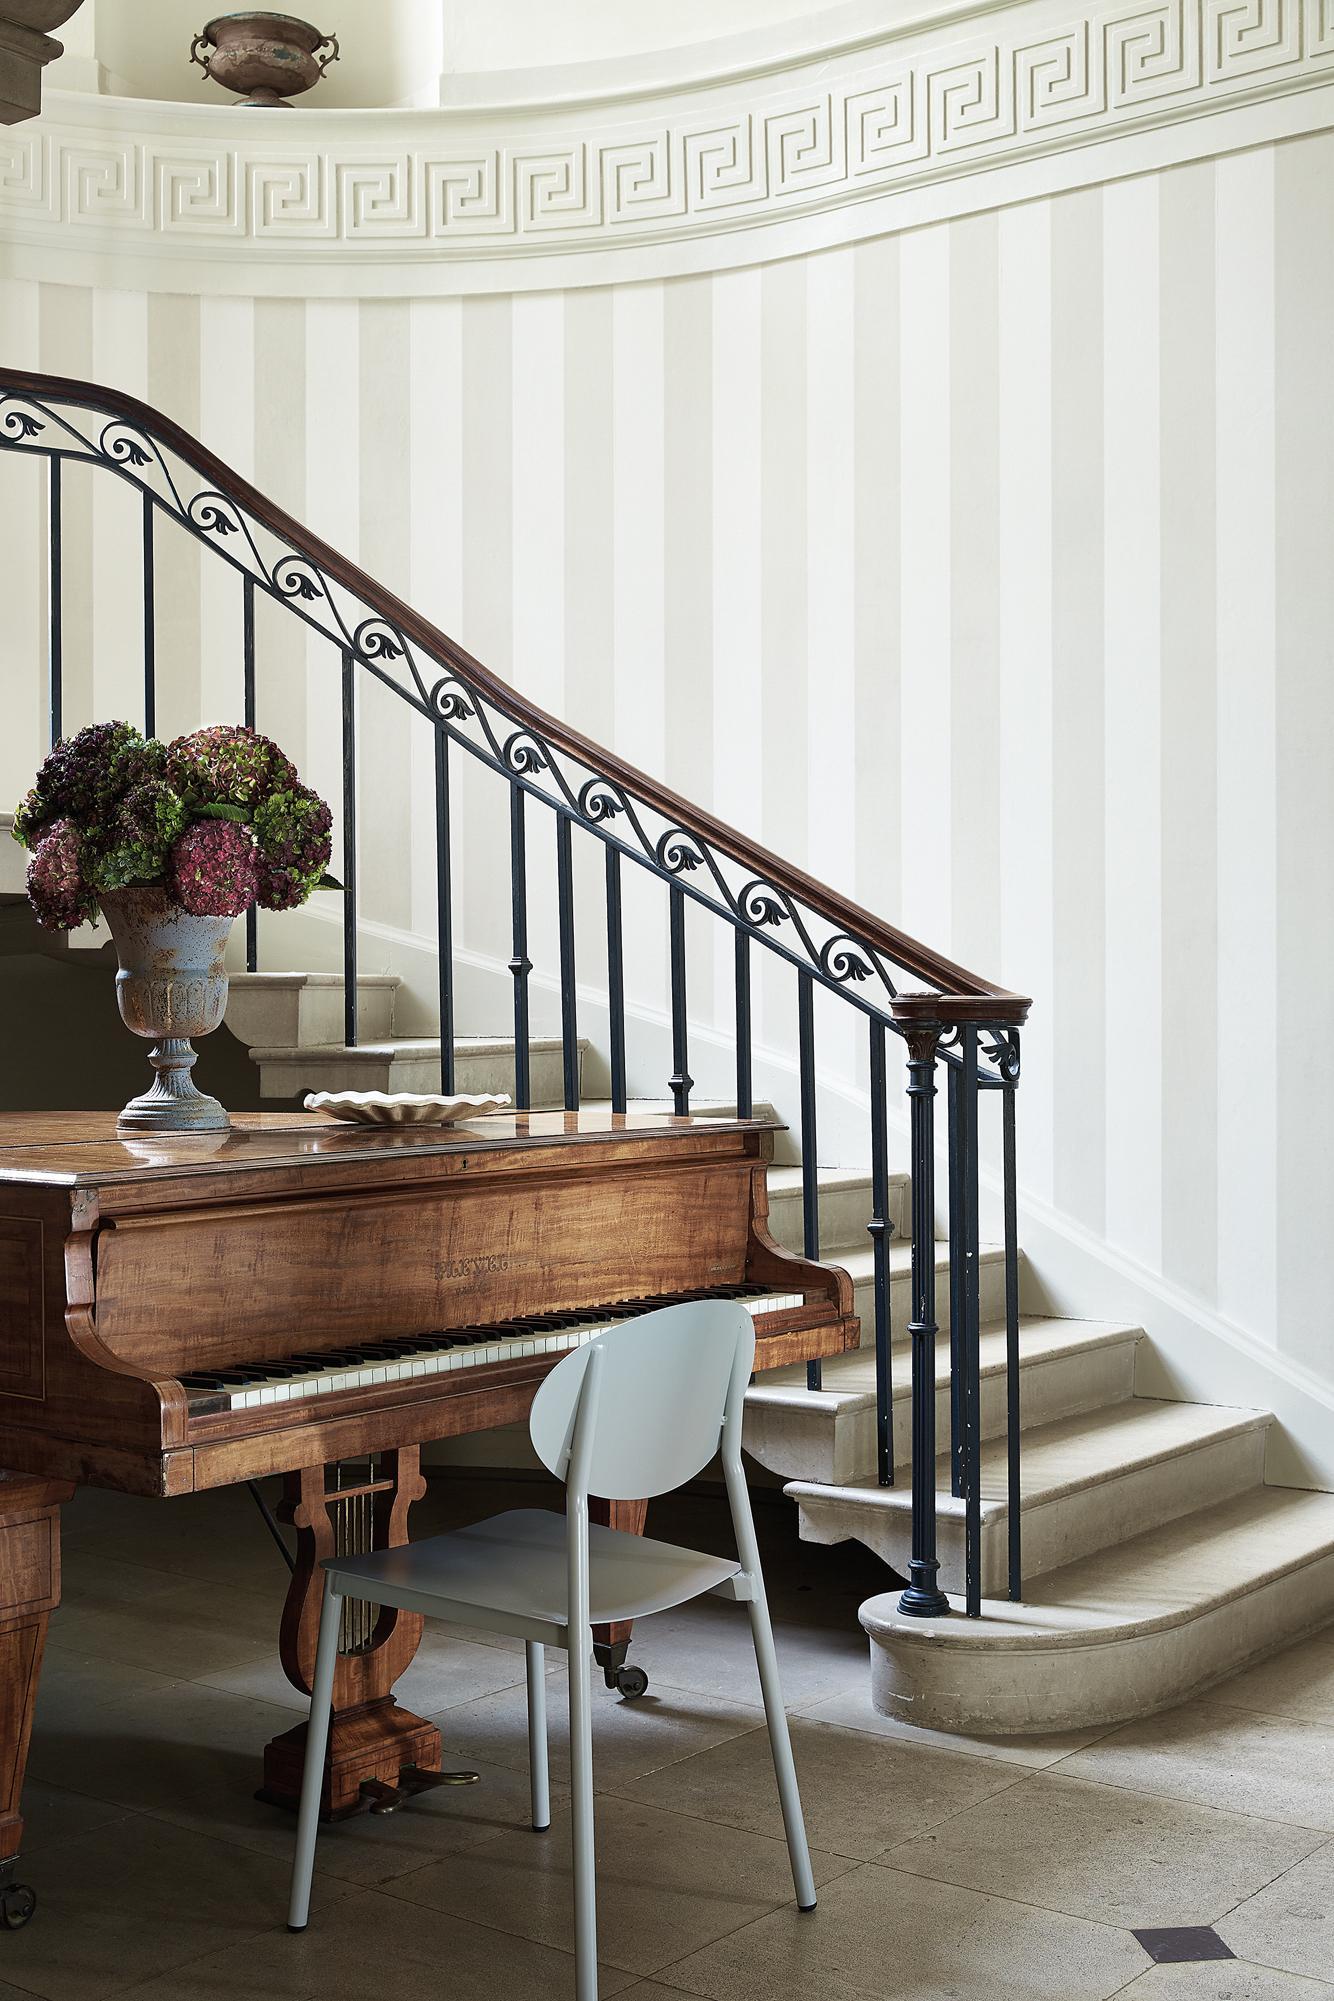 Eleganter Treppenaufgang Mit Klavier Stuhl Treppenhaus Marmorboden  Gelaender Klavier Blumenvase Wandgestaltungflur Little Greene 3364fdec 5268  4cc6